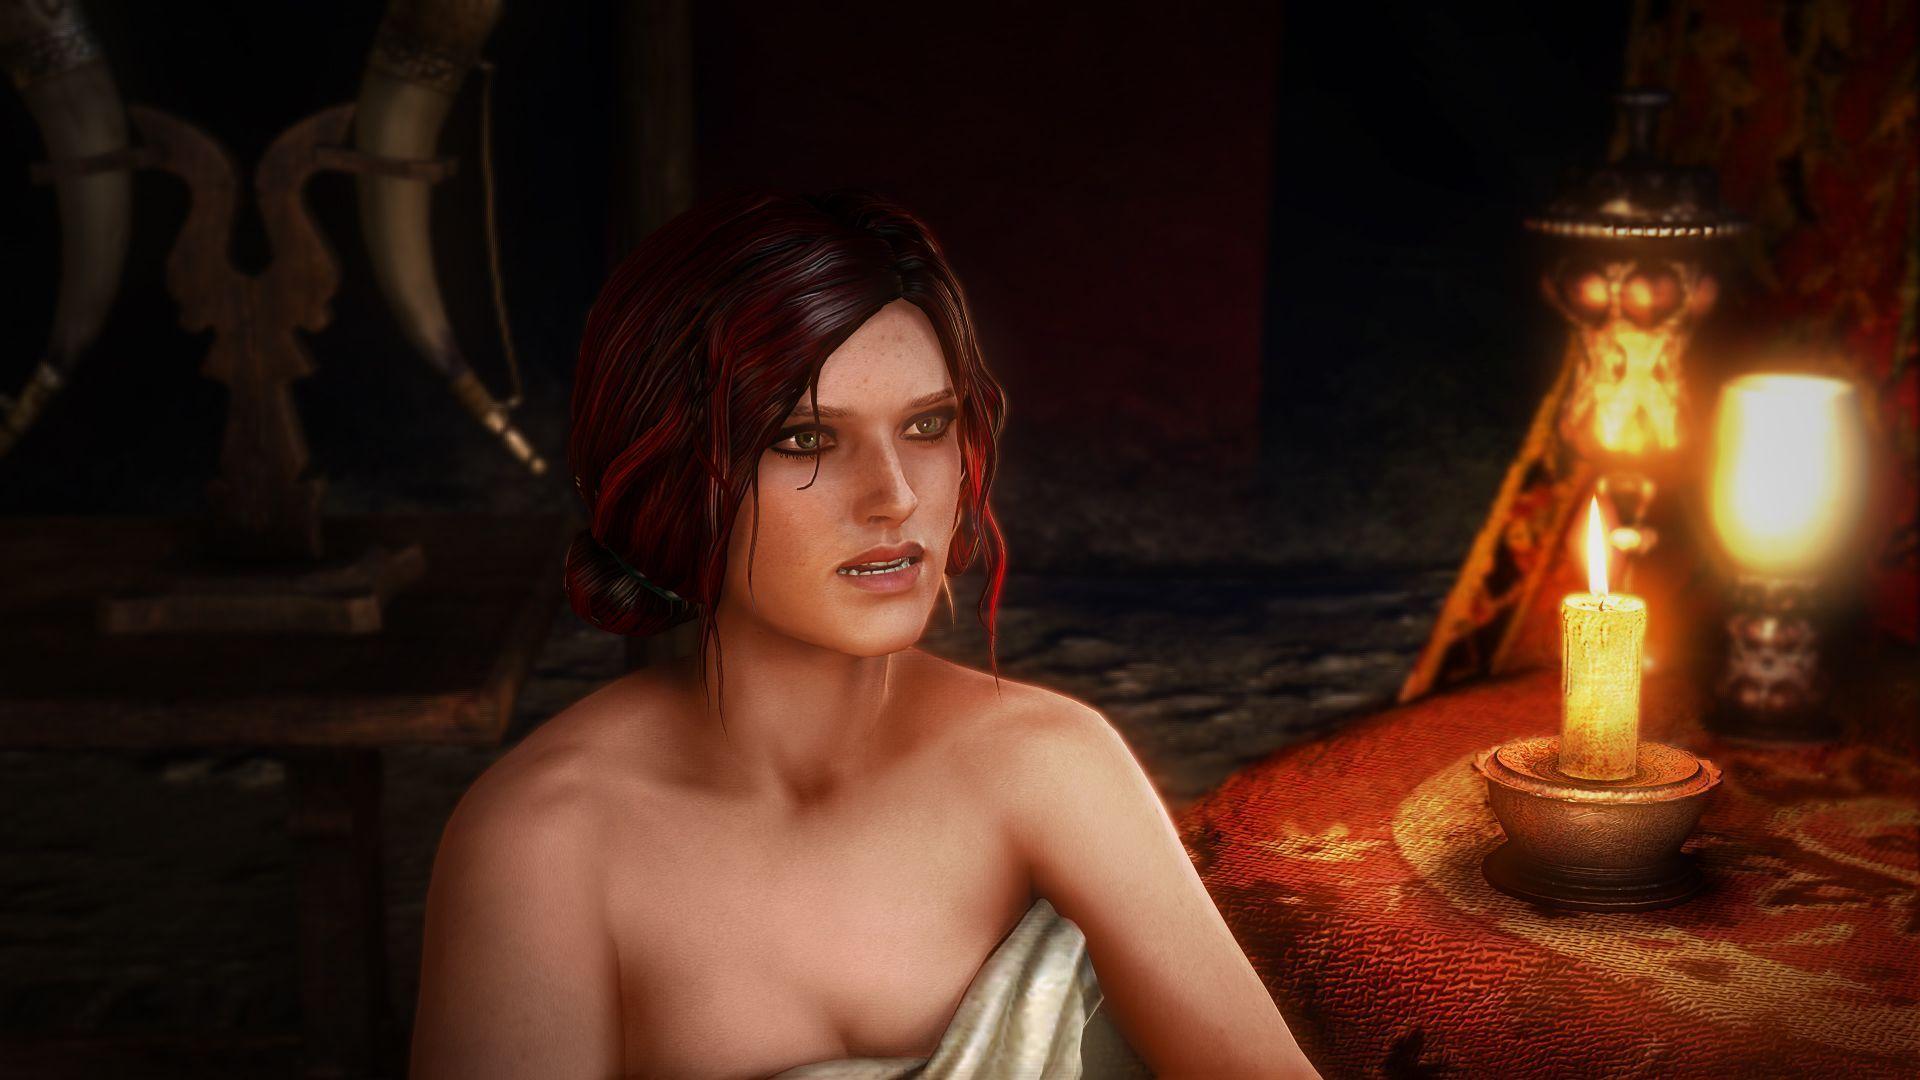 Eroticcg triss merigold sexual boob